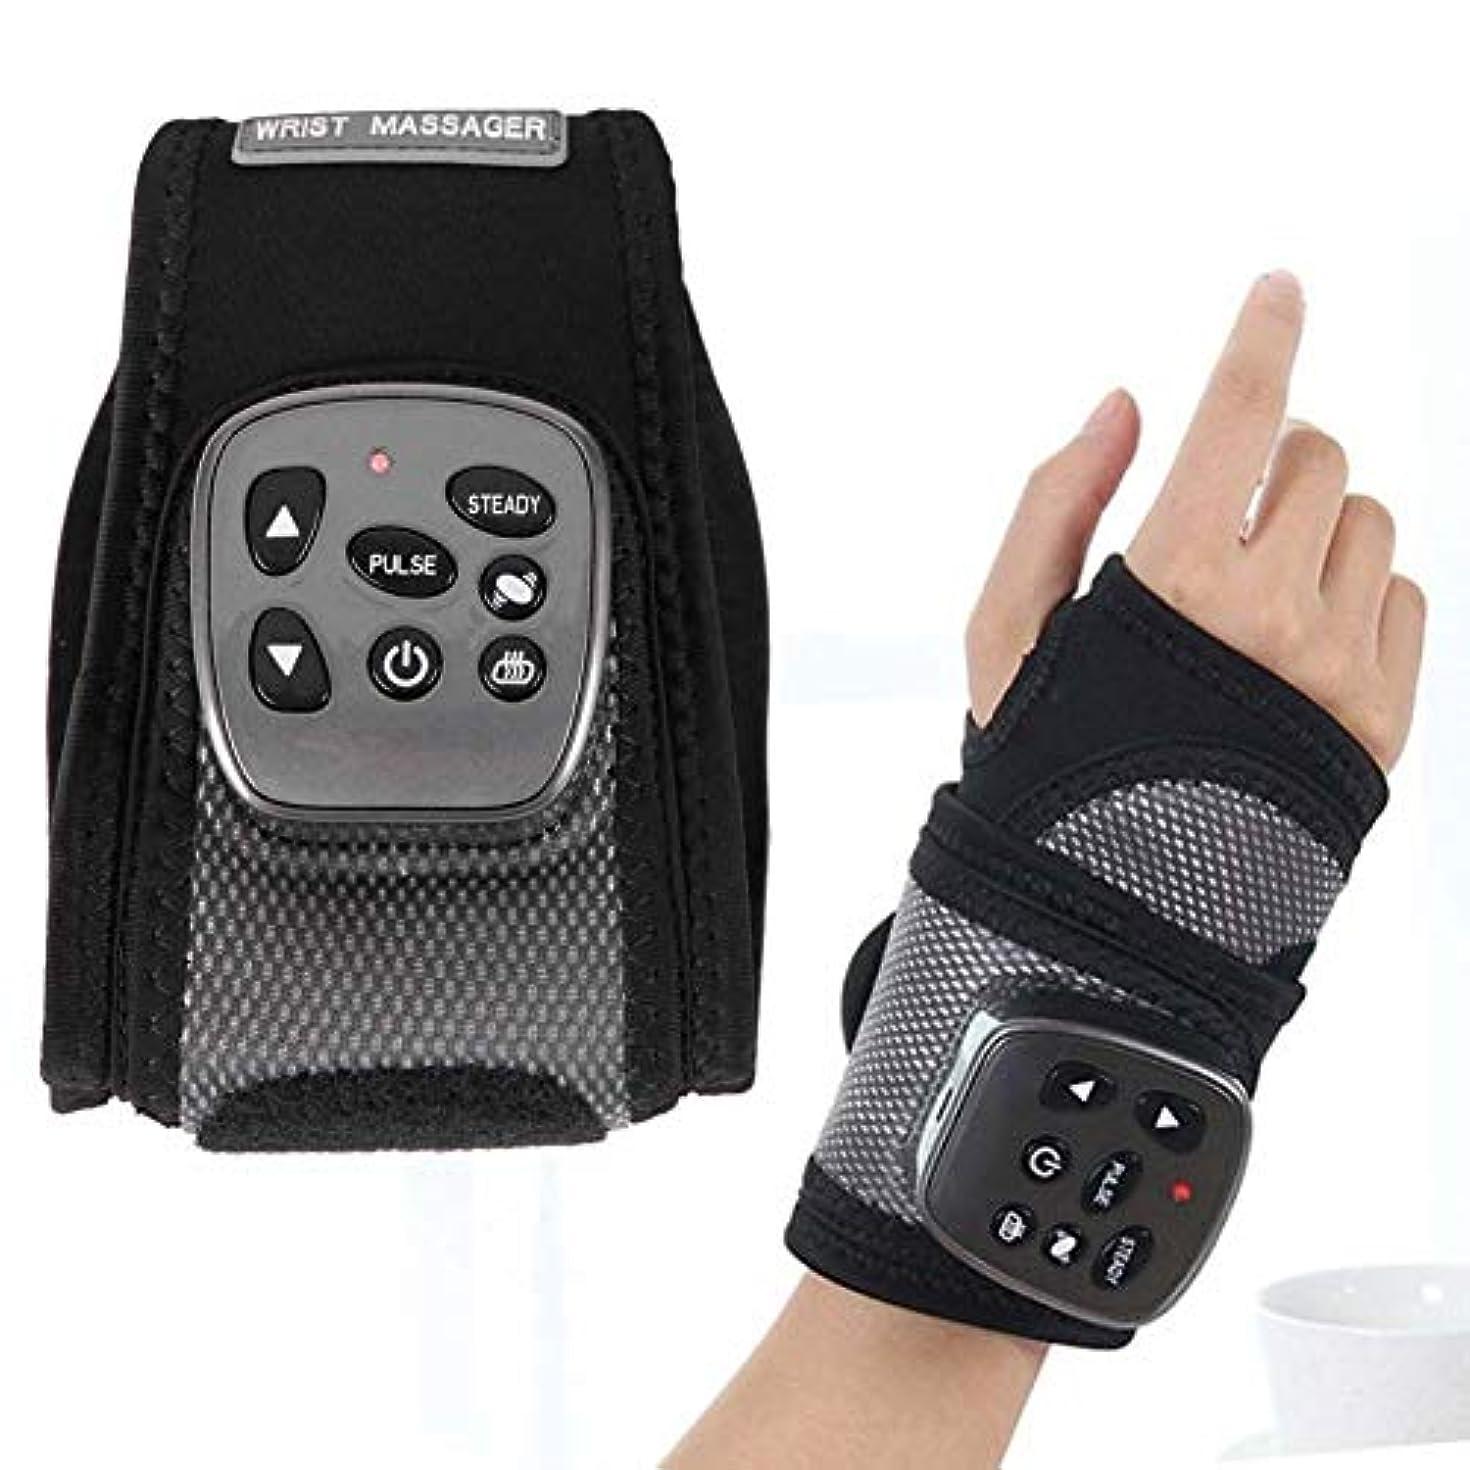 広大な臨検襟手首加熱手ブレース圧縮マッサージ手首関節炎、手根管痛、腱炎、慢性損傷、あざ、捻挫サポート